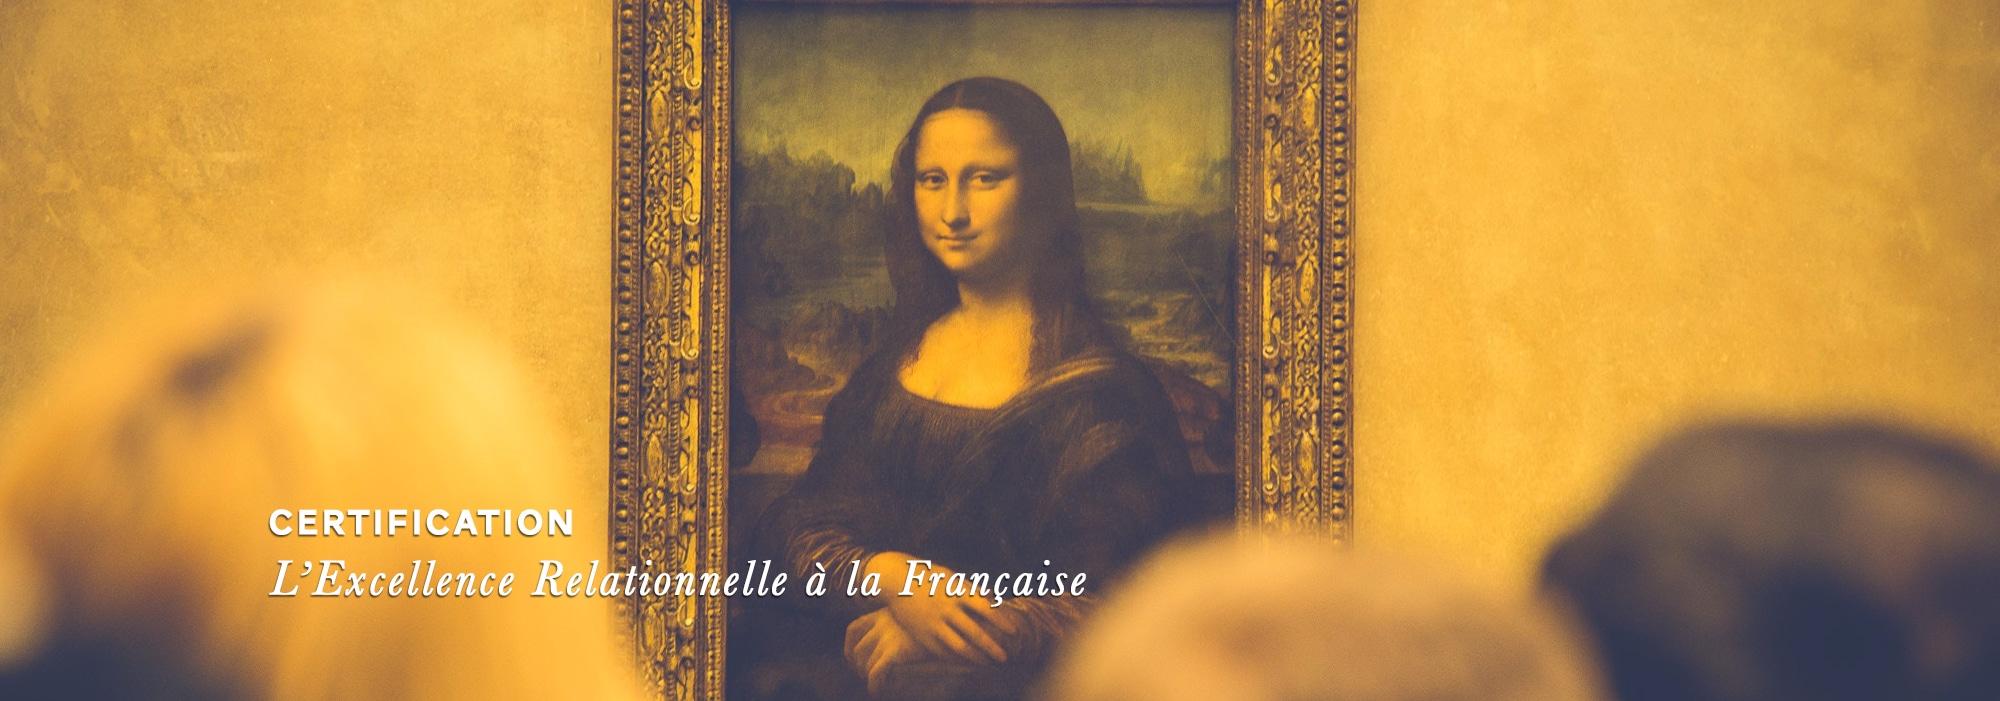 Présentation de la certification l'excellence relationnelle à la française